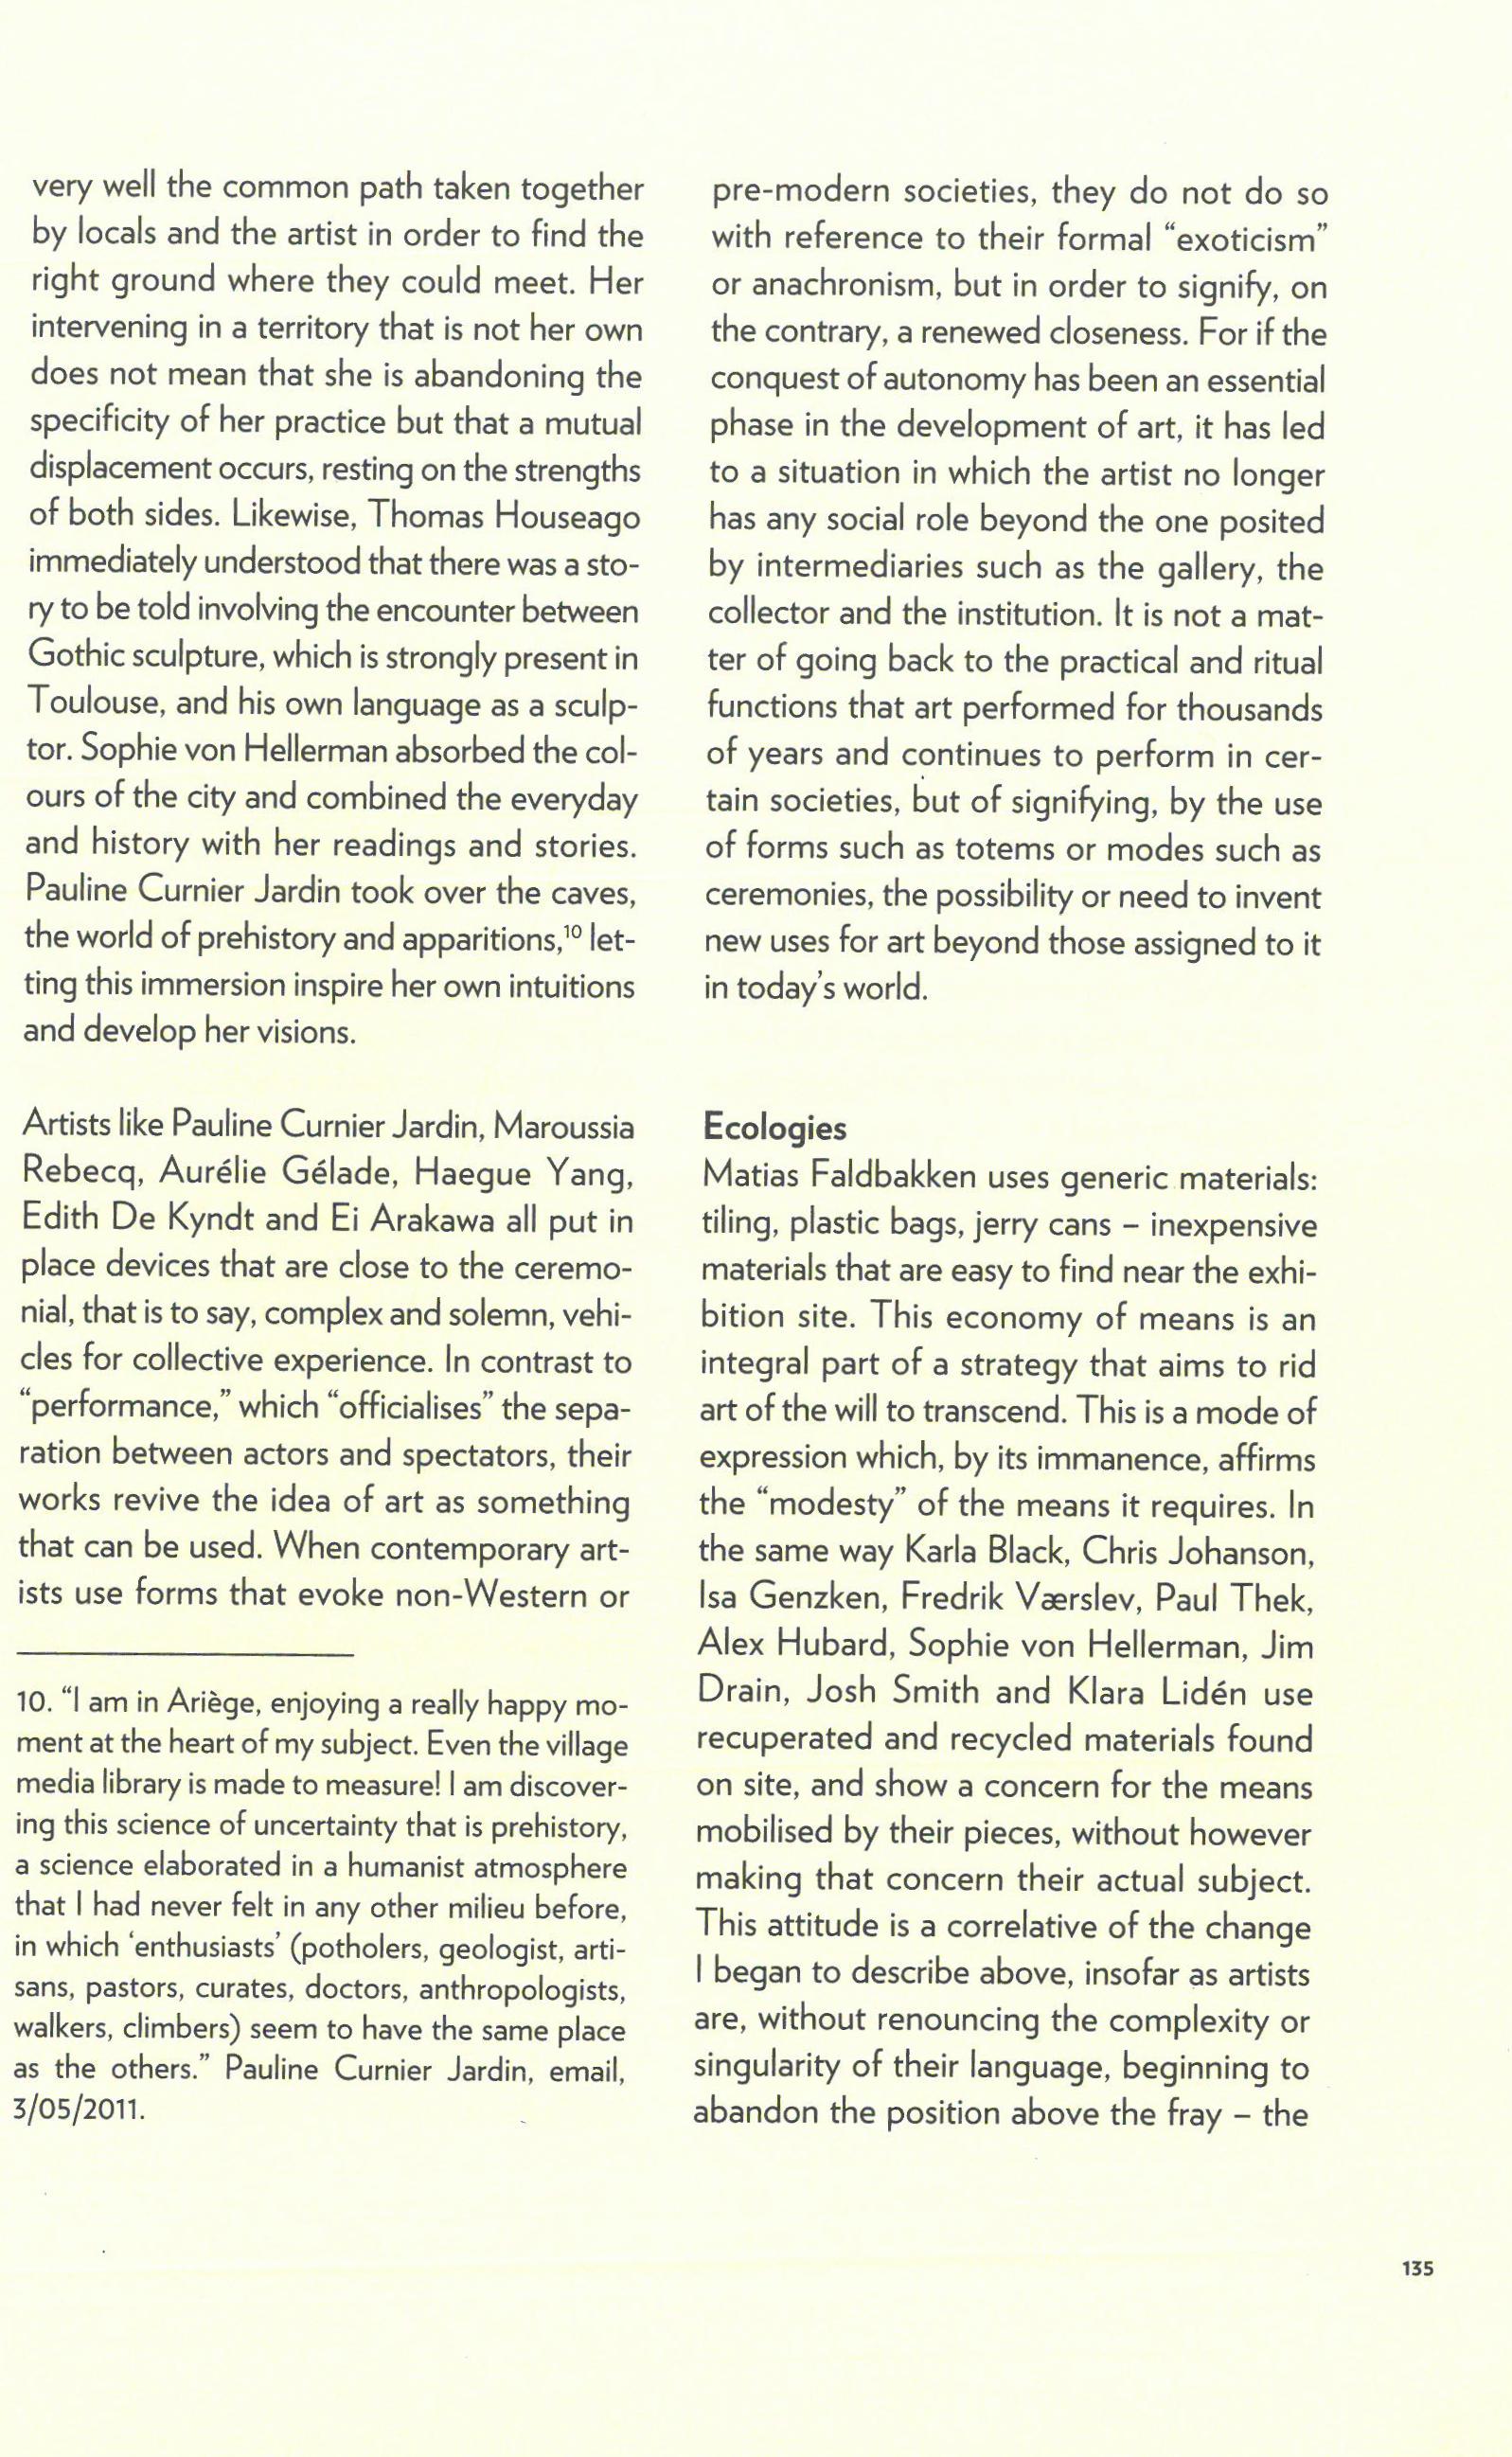 """Anne Pontégnie, """"Reassembled,"""" in: """"Le Printemps de Septembre à Toulouse: festival de création contemporaine. D'un Autre Monde"""". Dijon: Les Presses du Réel, 2011, p.132-136."""